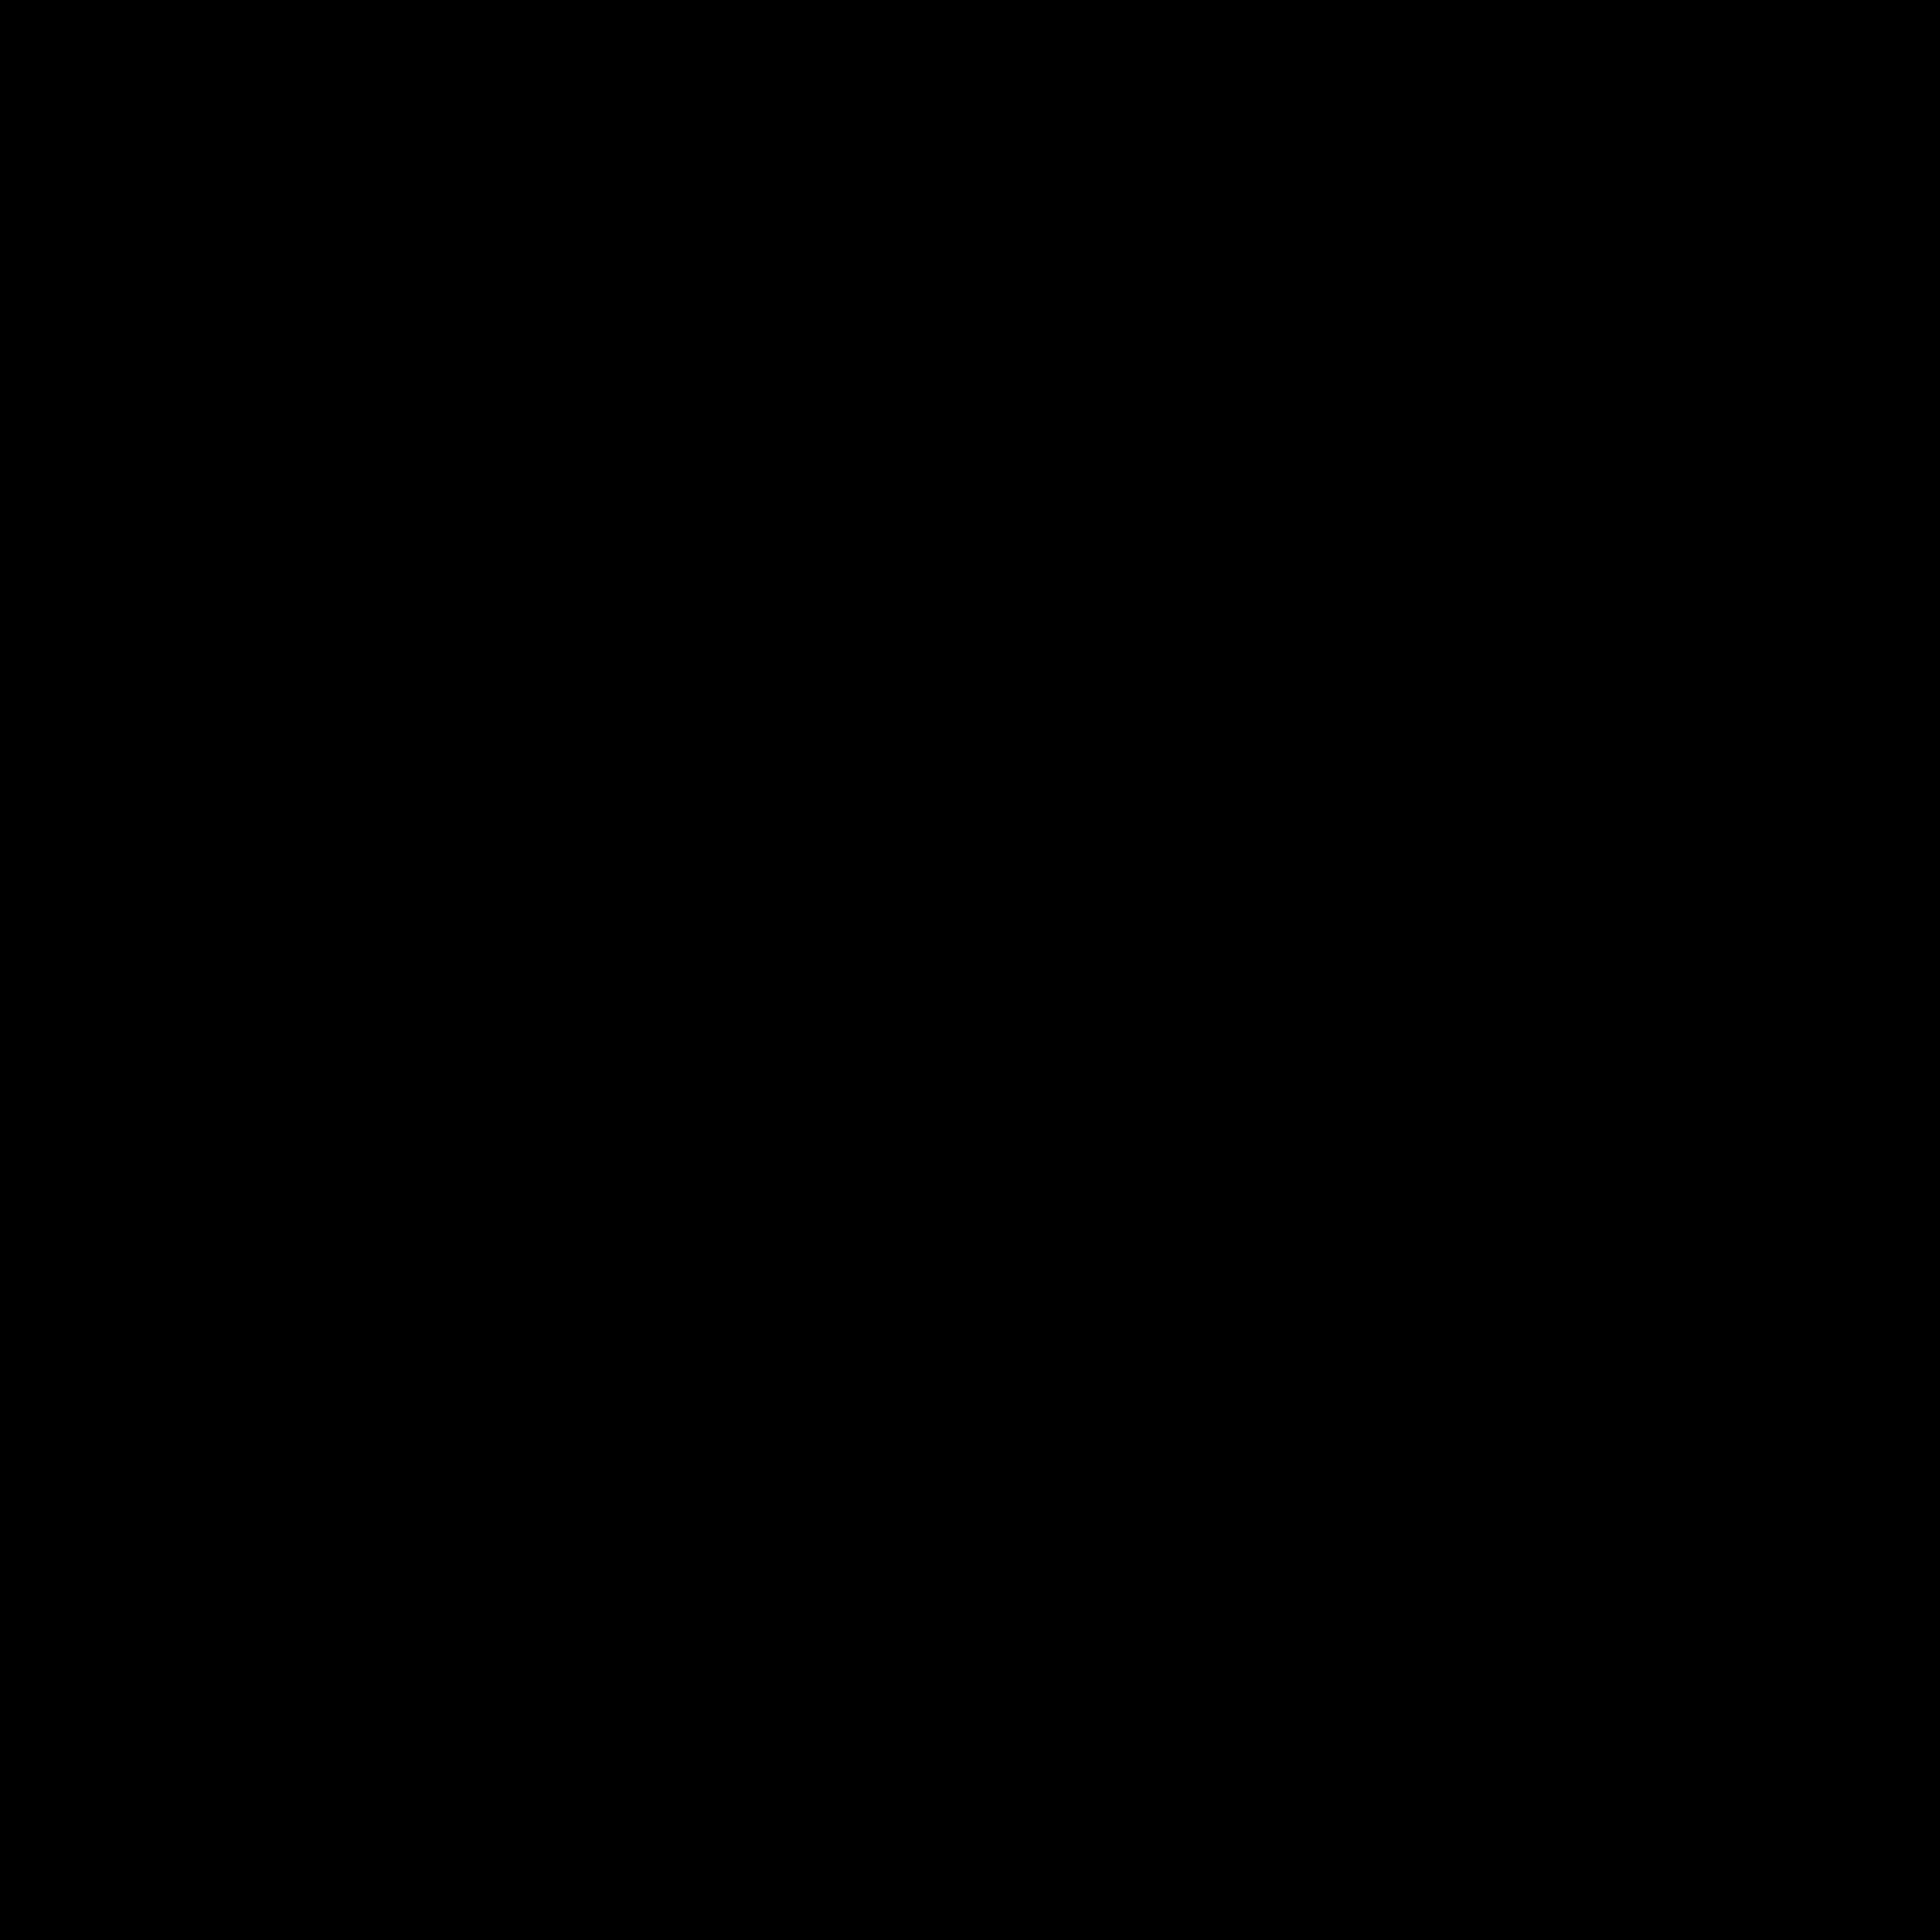 Naklejka na ścianę kotwica falowana